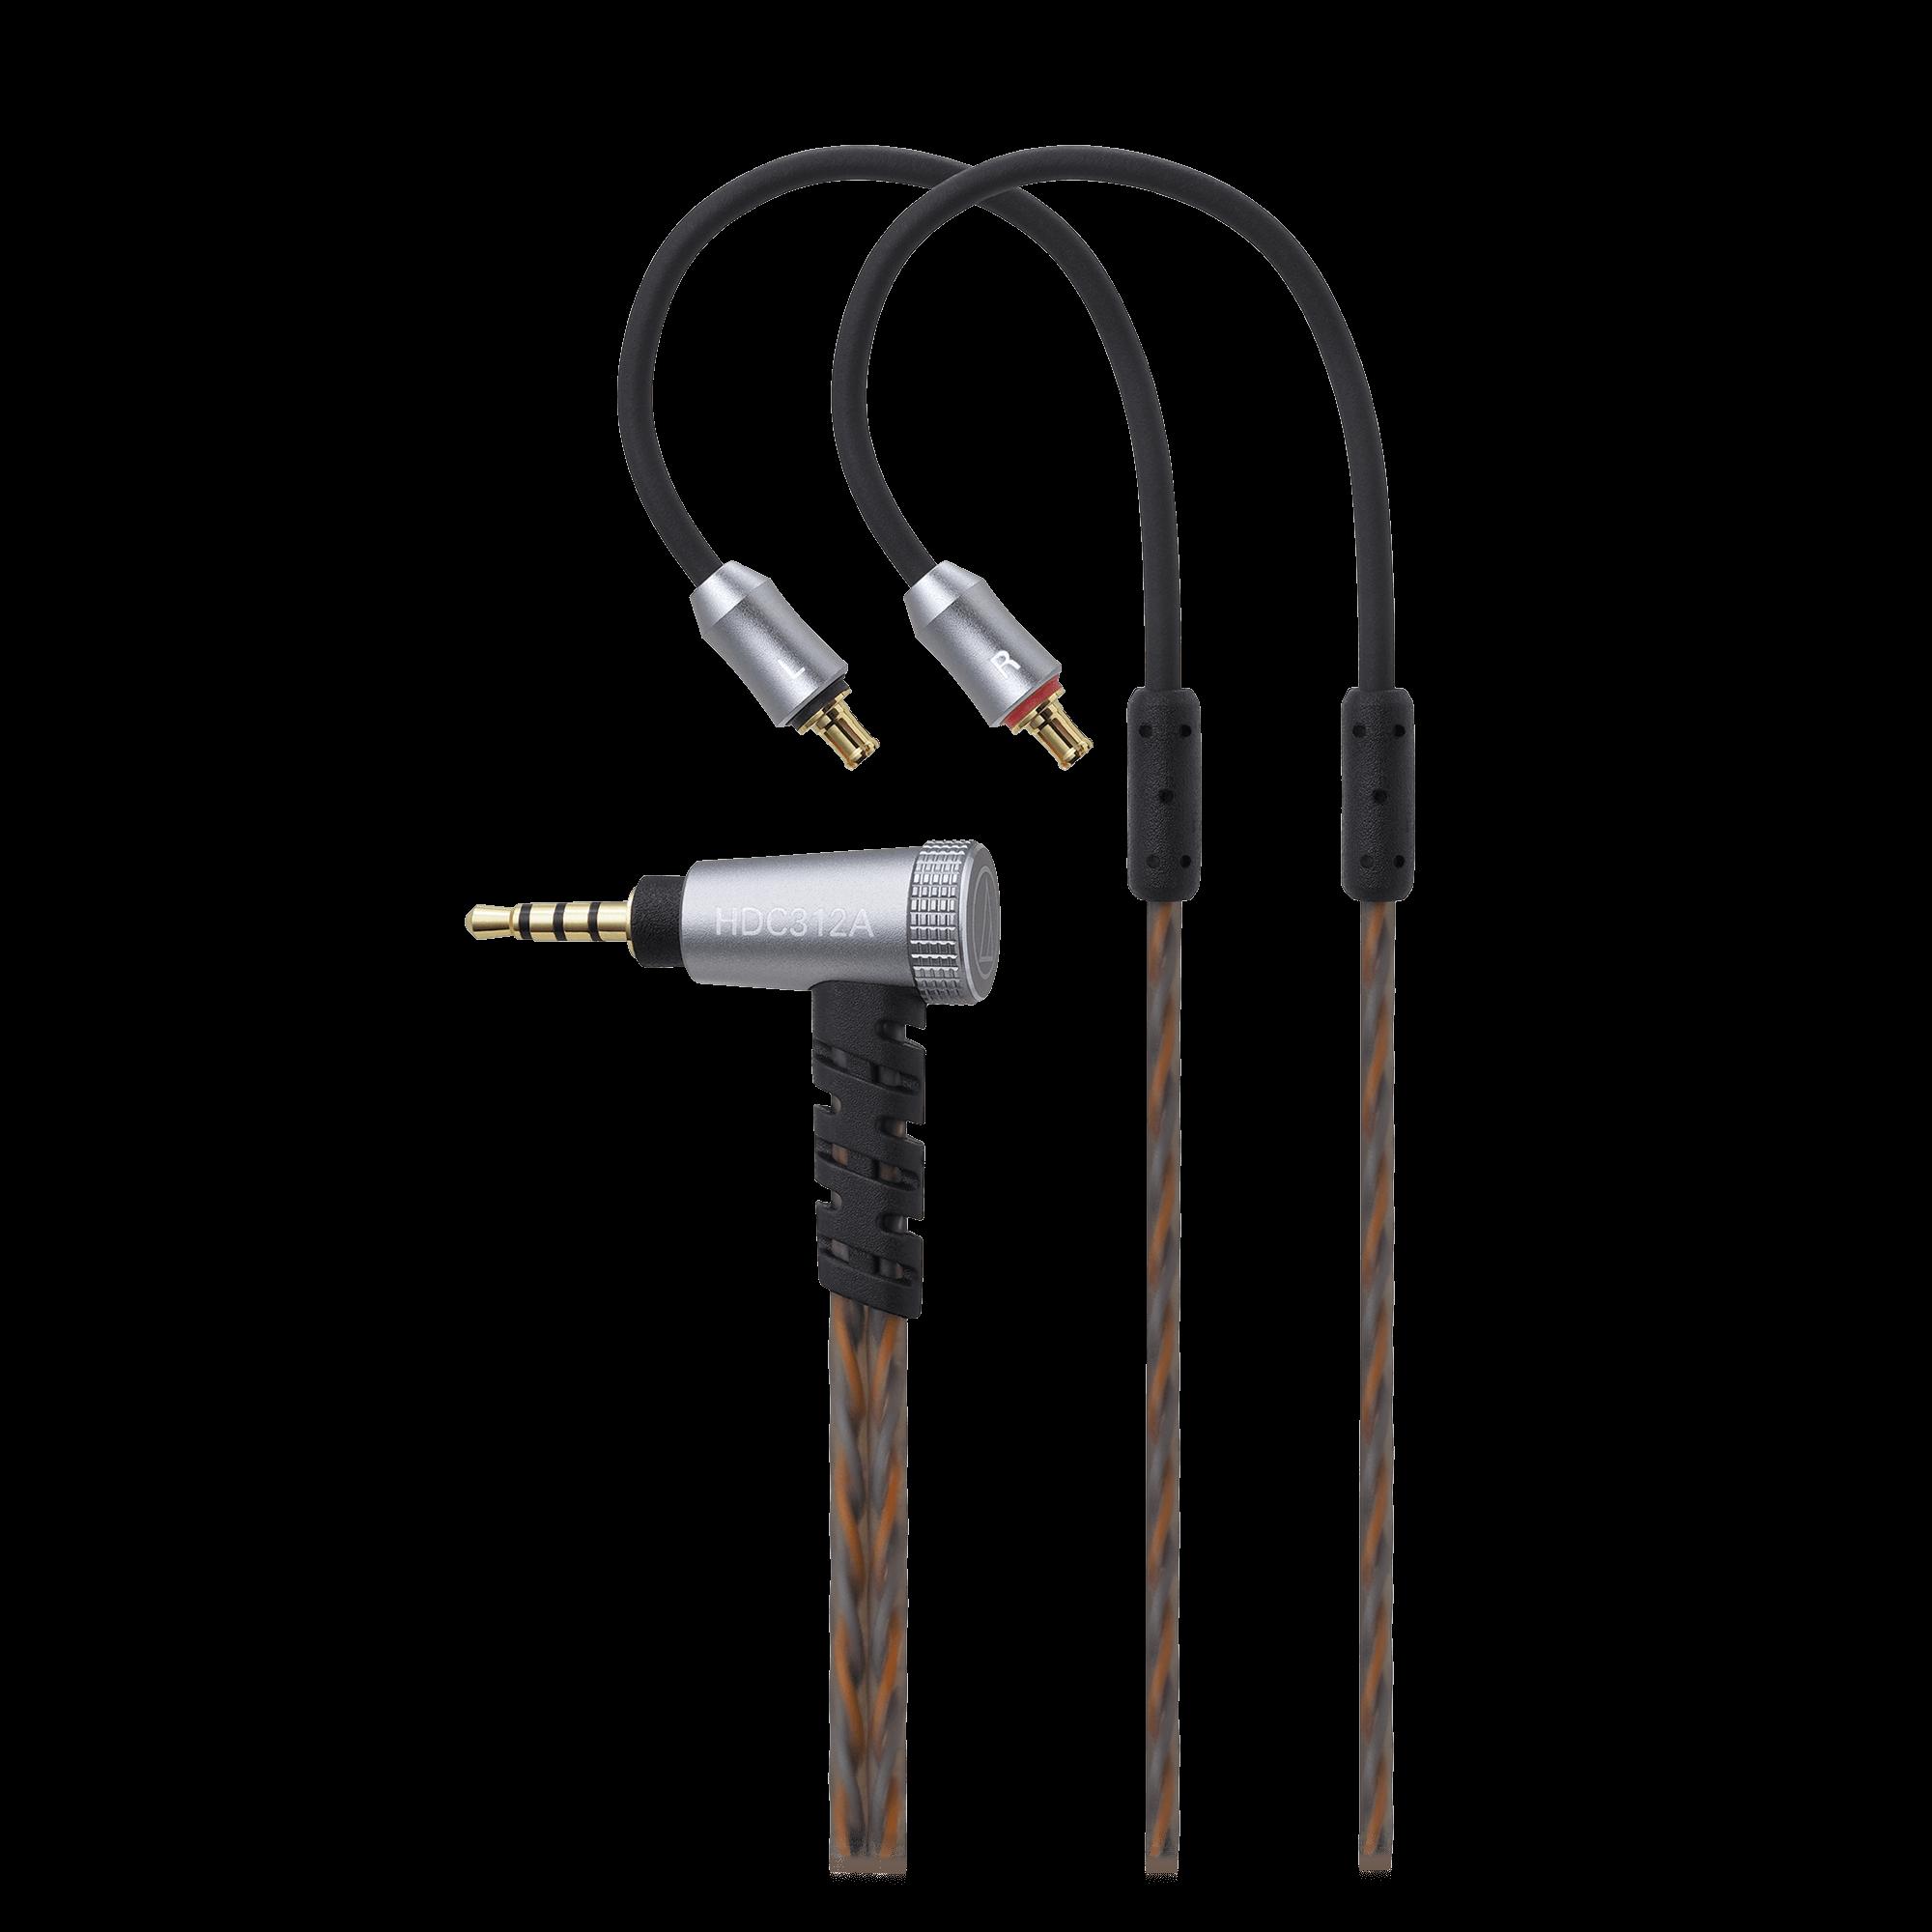 Cáp Audio Technica HDC312A/1.2